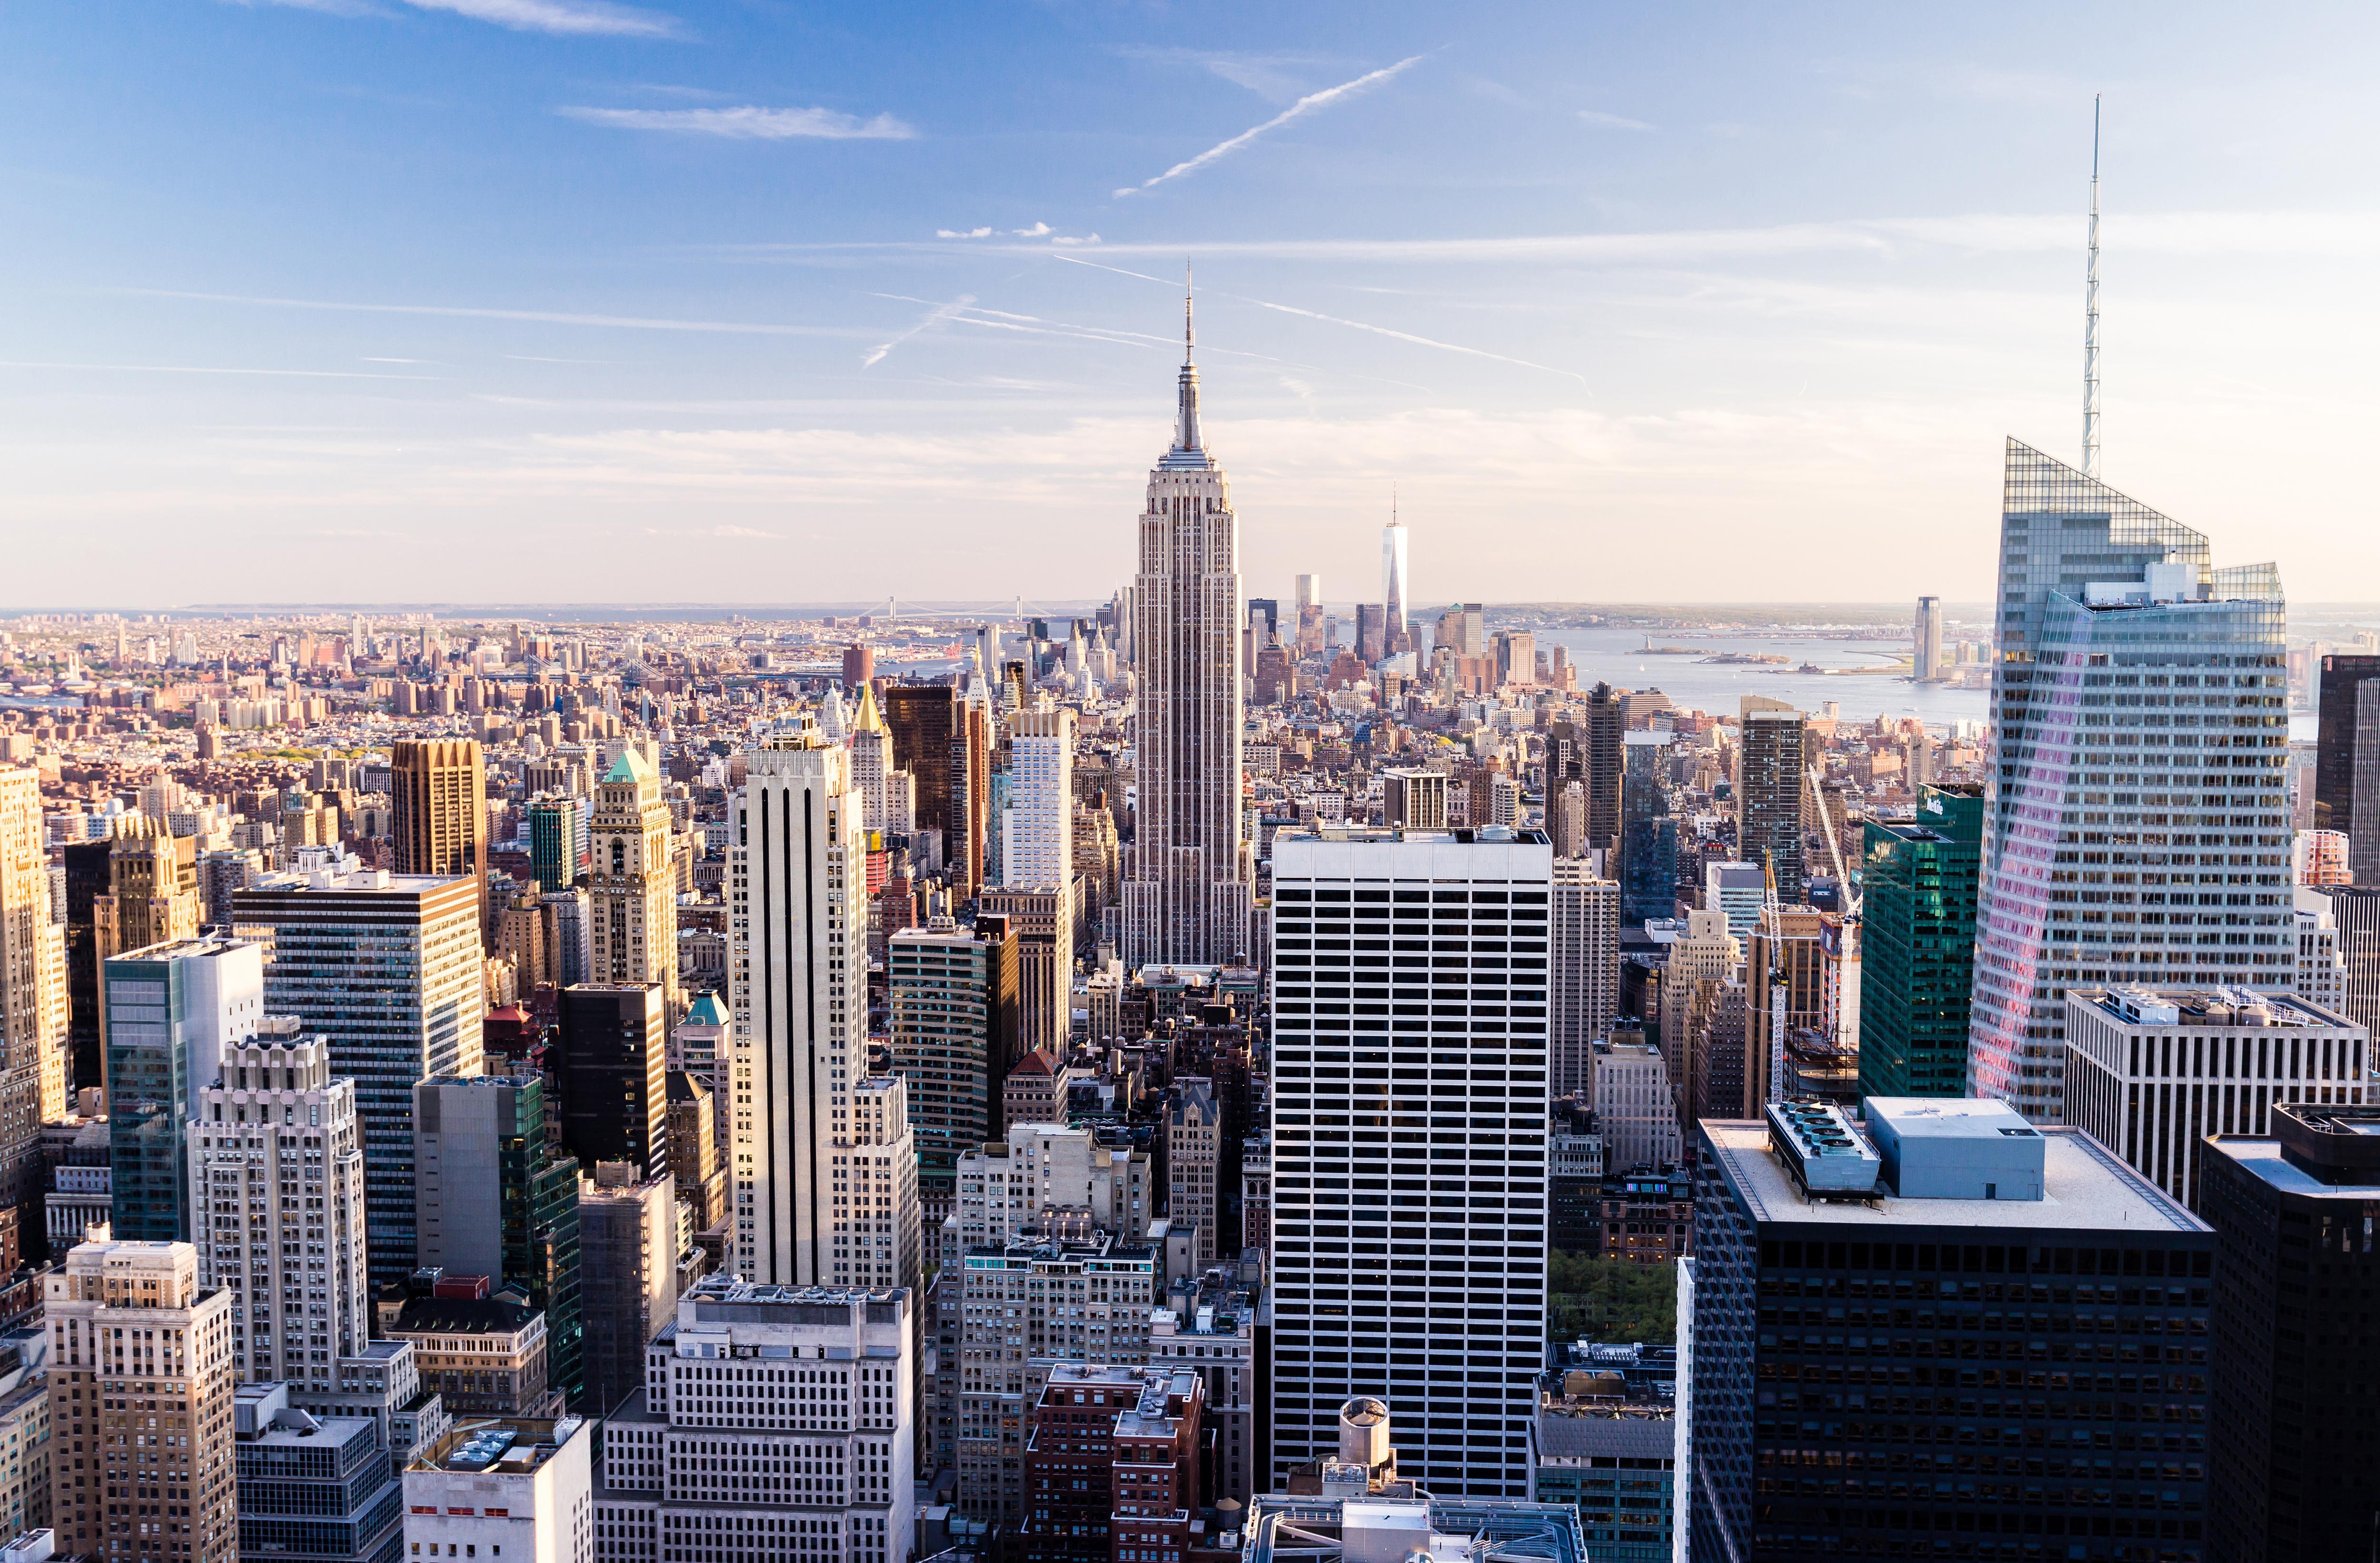 sejour paris new york meilleur prix